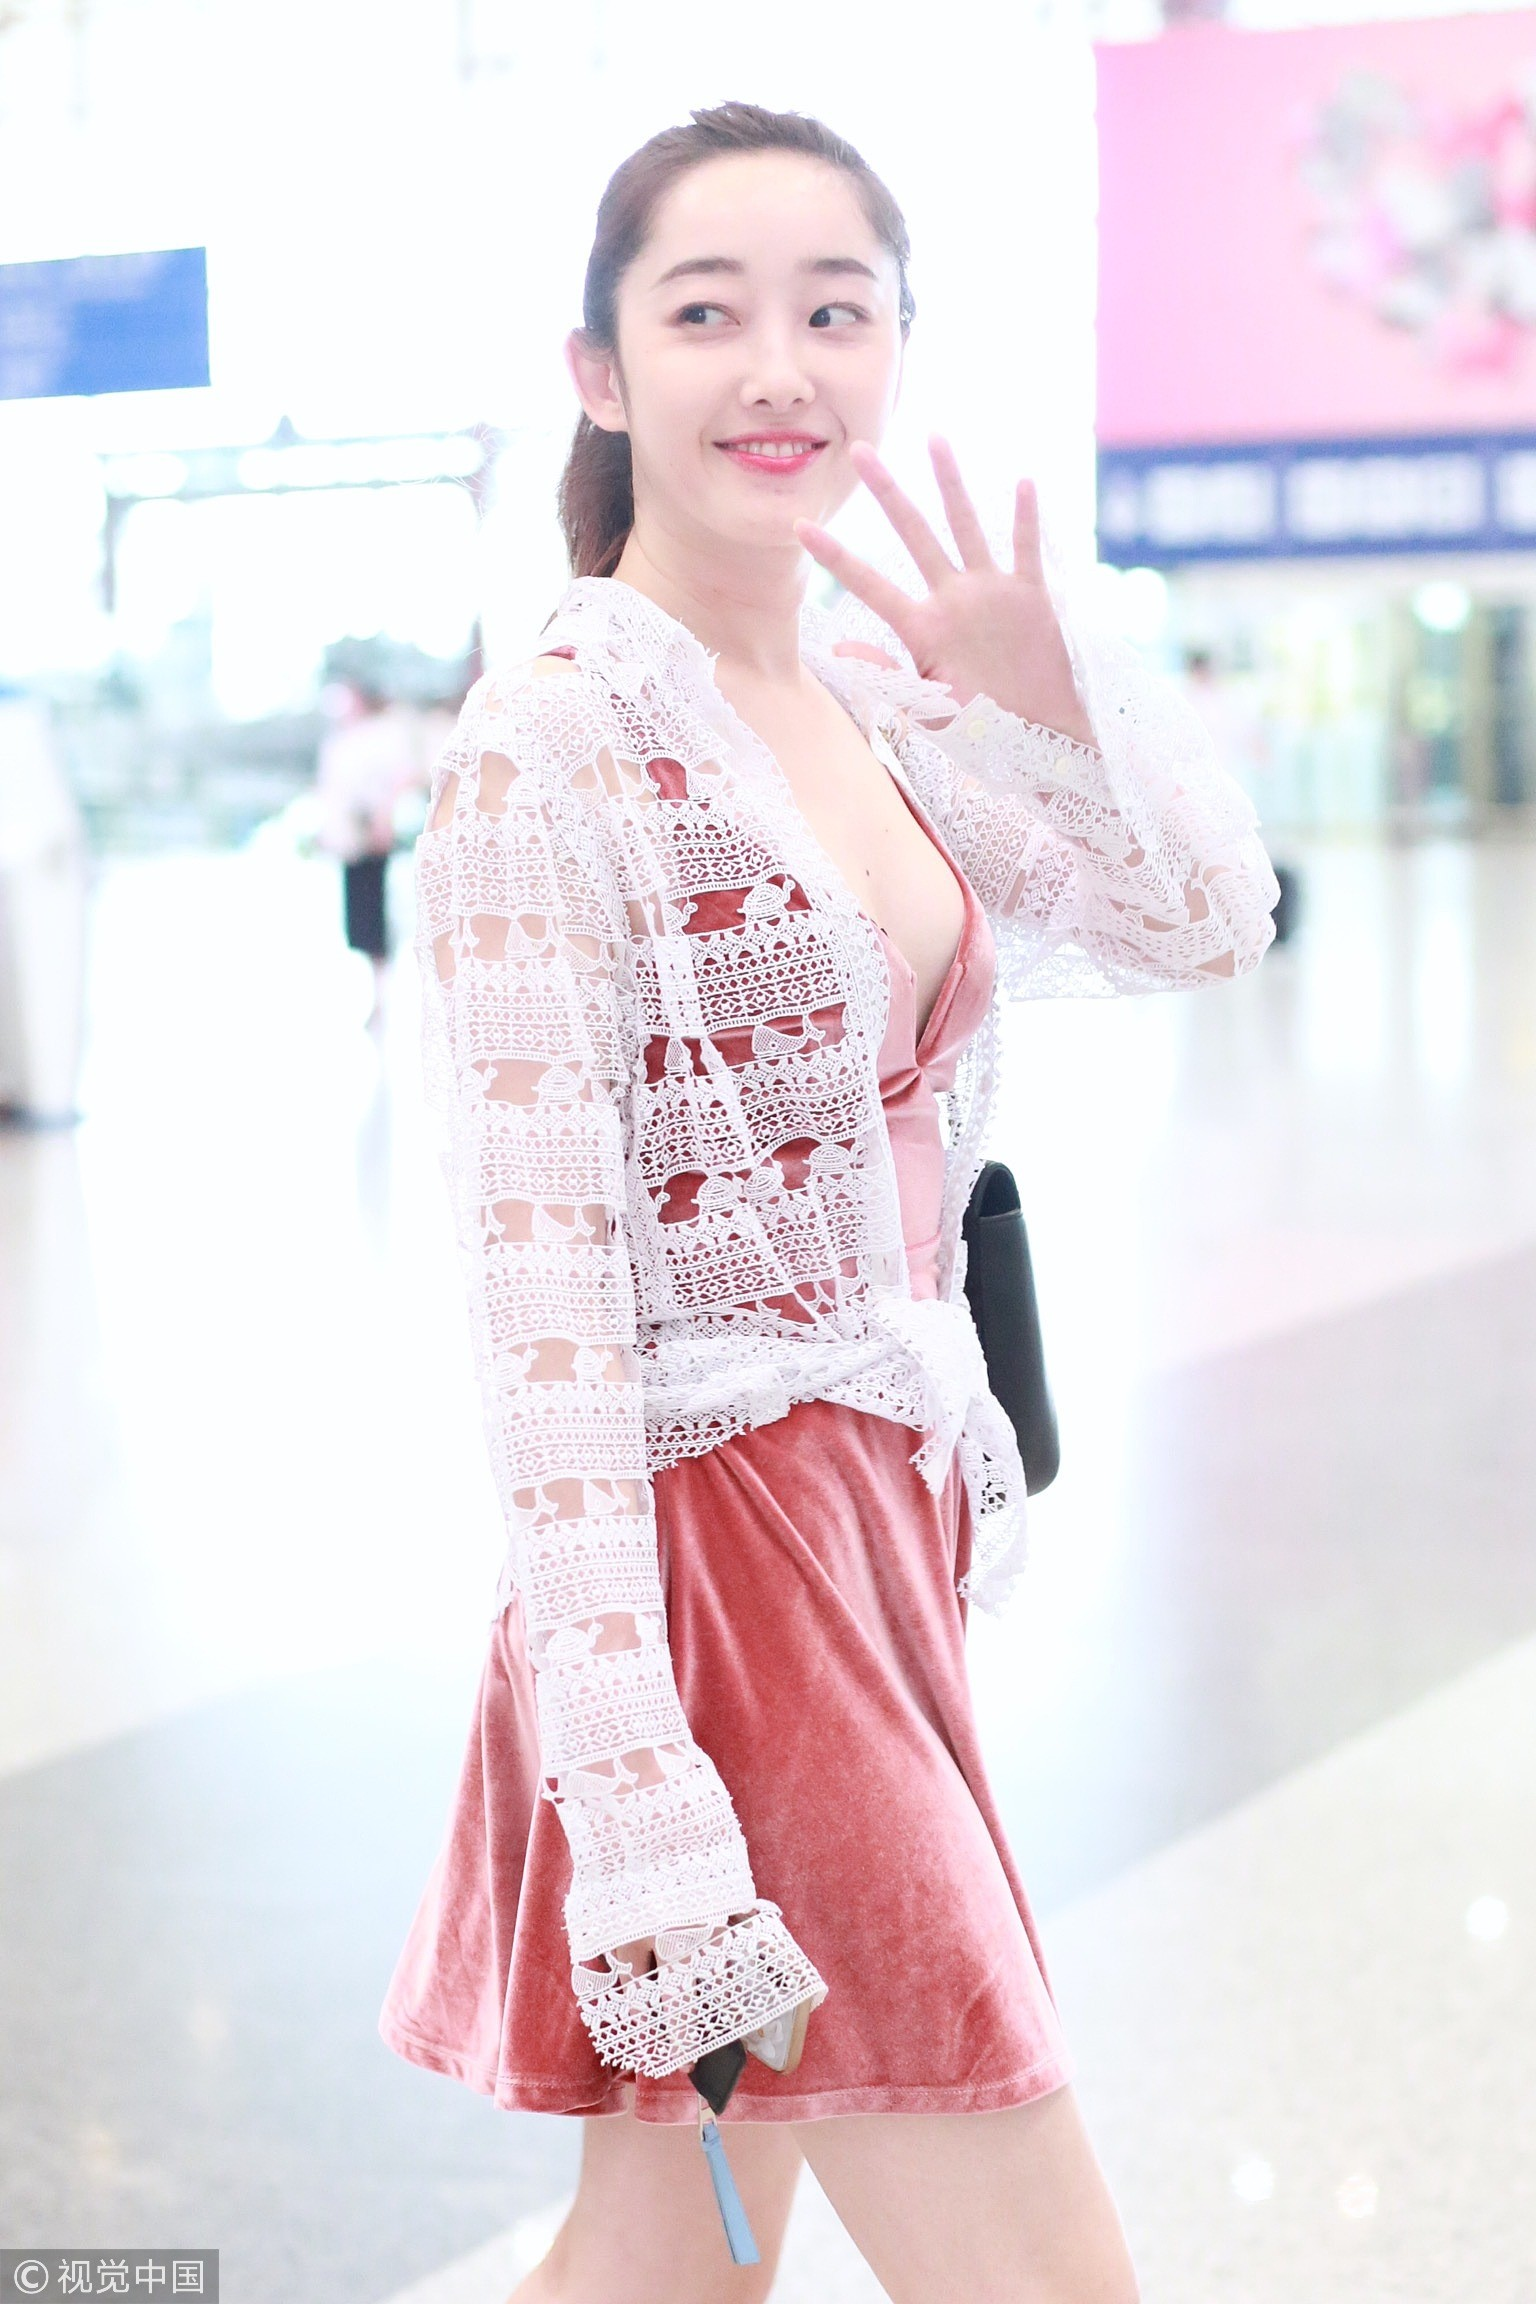 ▲▼蔣夢婕在機場尺度大開,被拍到胸前黑Bra還掉出來。(圖/CFP)